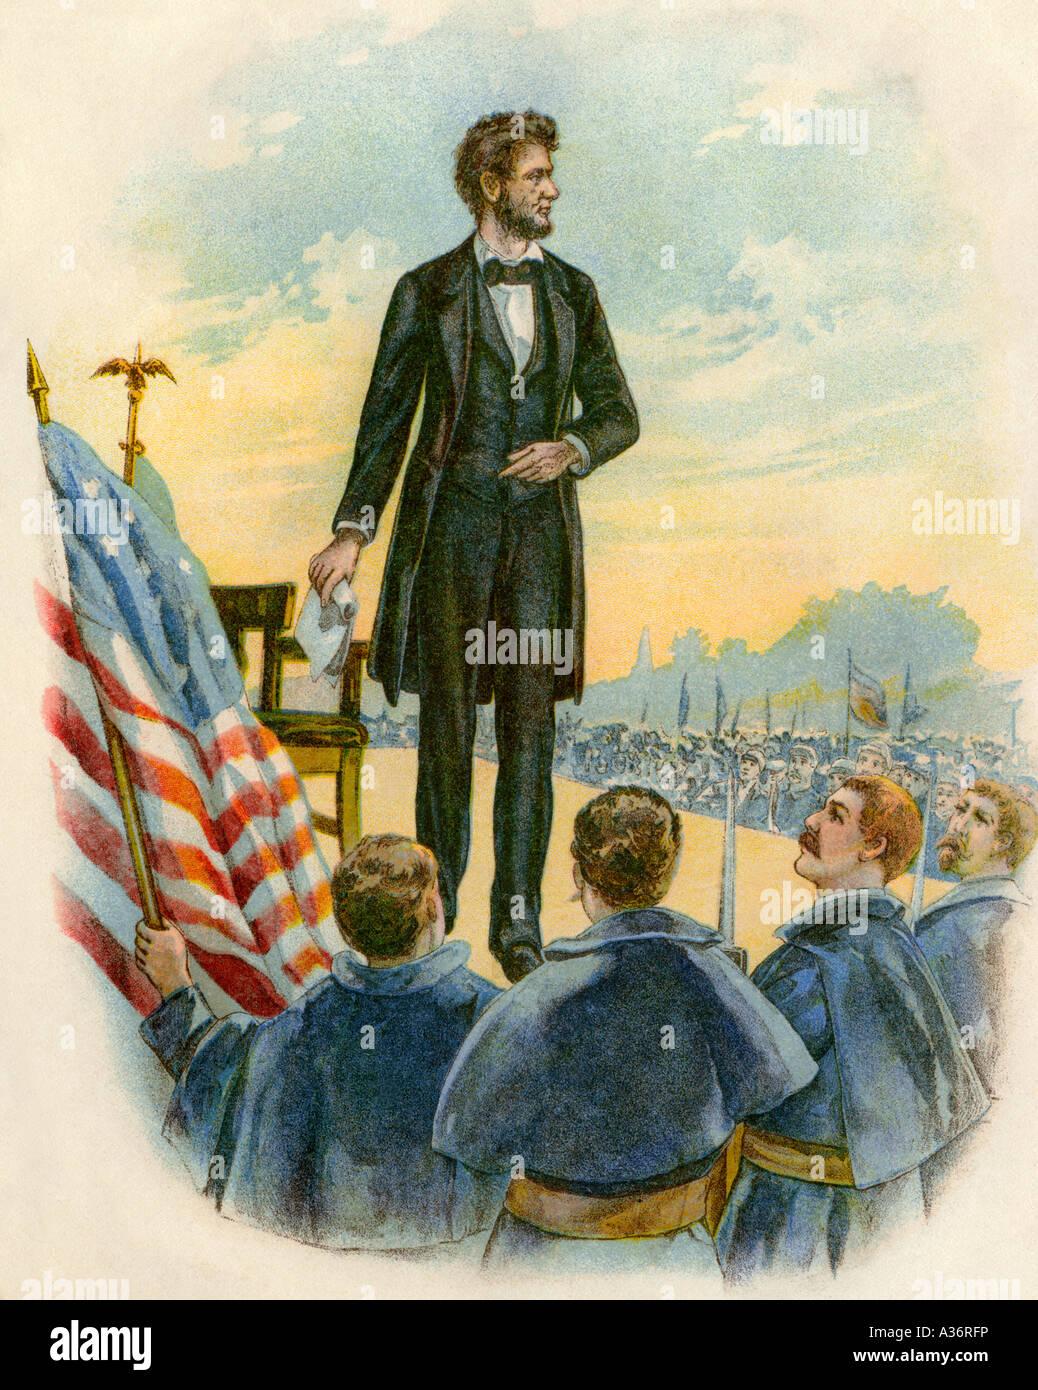 El presidente Abraham Lincoln entregando el Discurso de Gettysburg en el campo de batalla durante la Guerra Civil Foto de stock